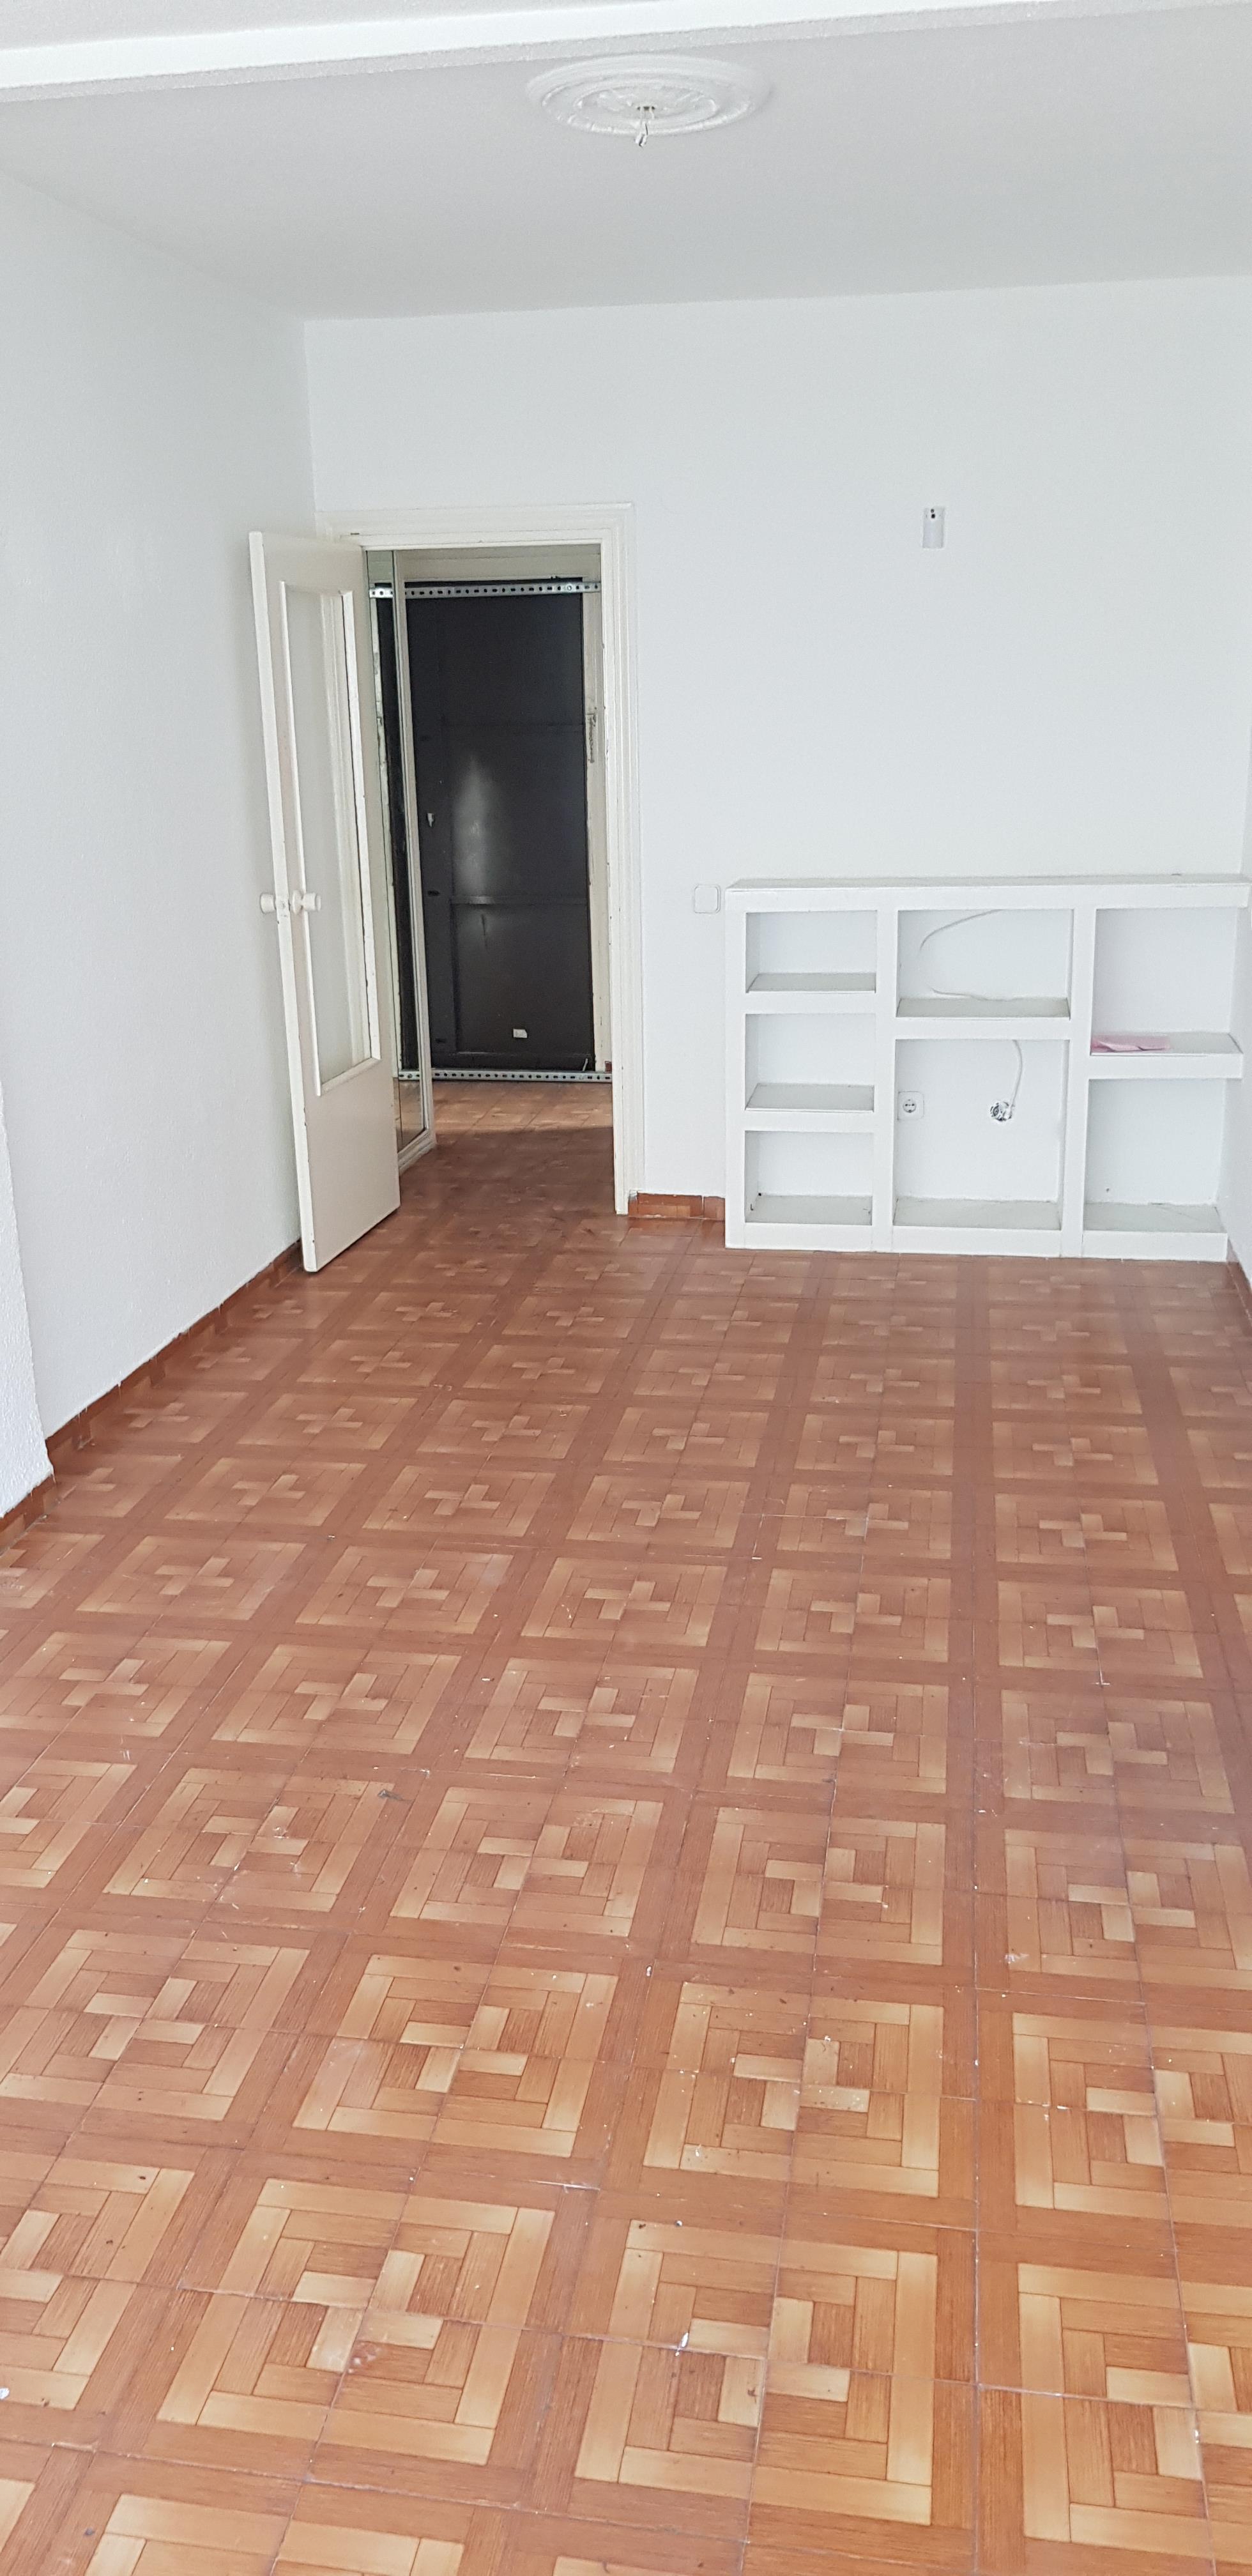 Piso en venta en Las Margaritas, Getafe, Madrid, Avenida de los Ángeles, 87.000 €, 3 habitaciones, 1 baño, 66 m2